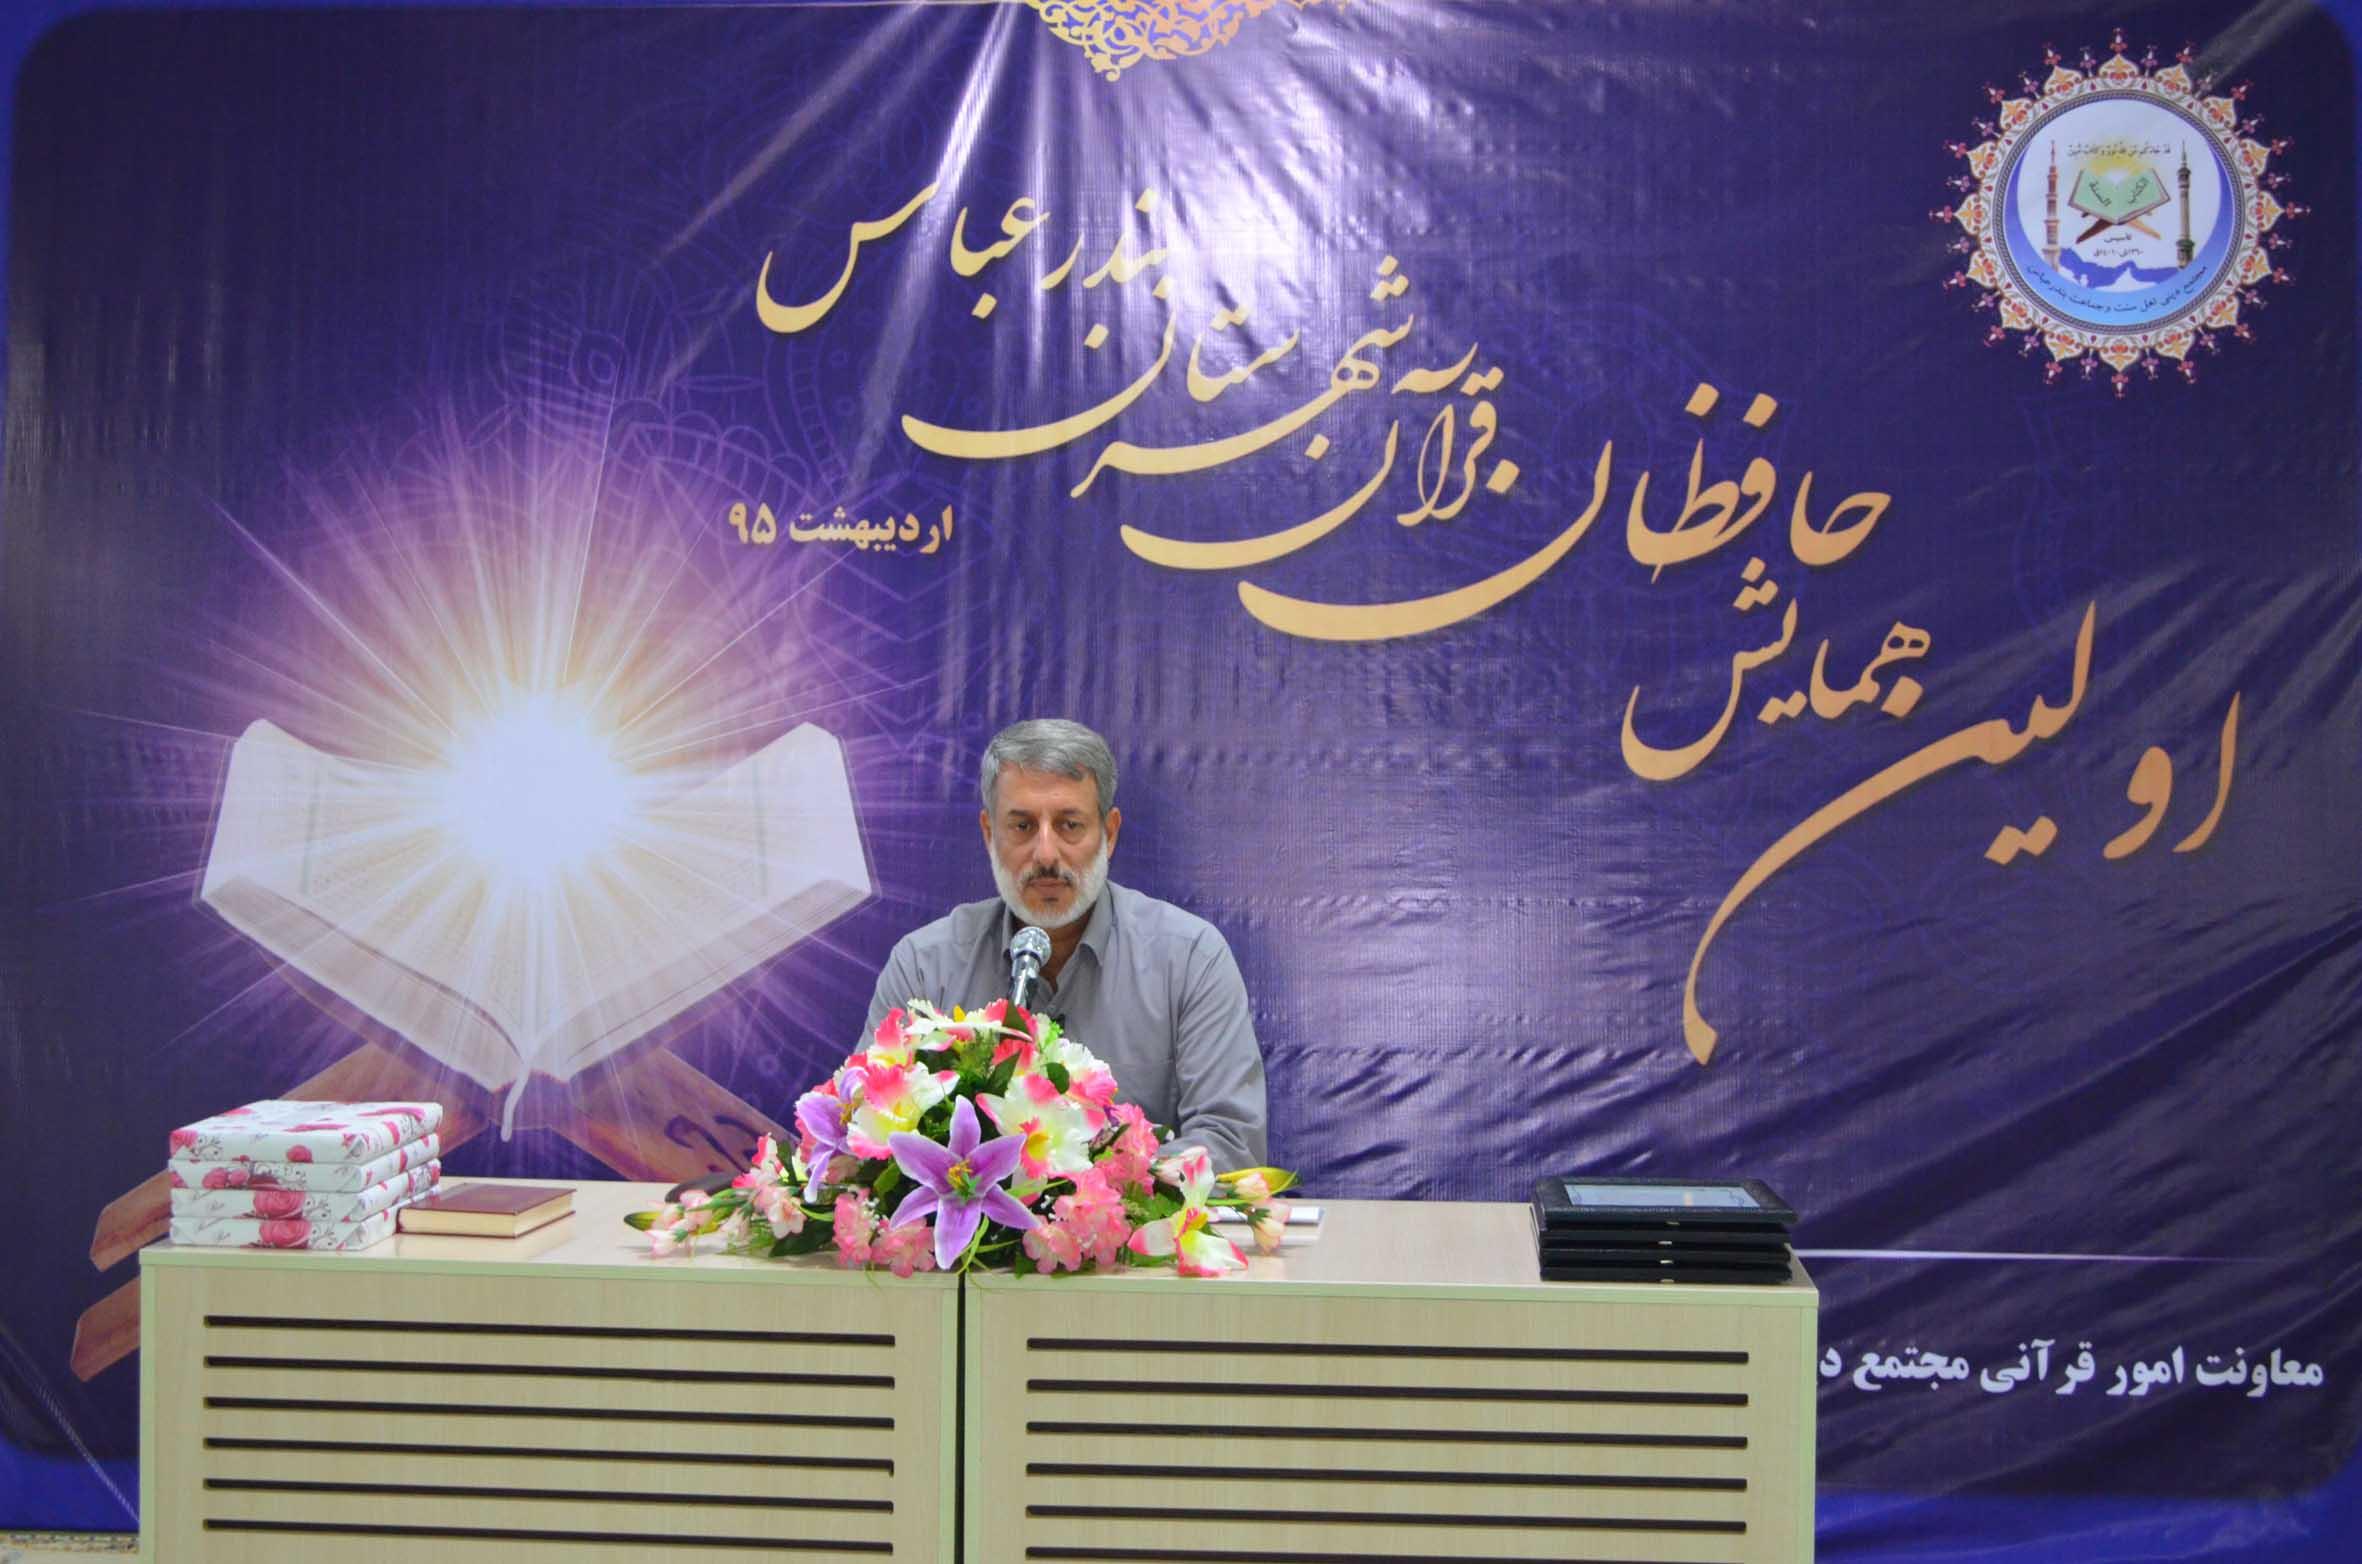 اولین همایش حافظان قرآن شهرستان بندرعباس - شیخ محمد صالح پردل